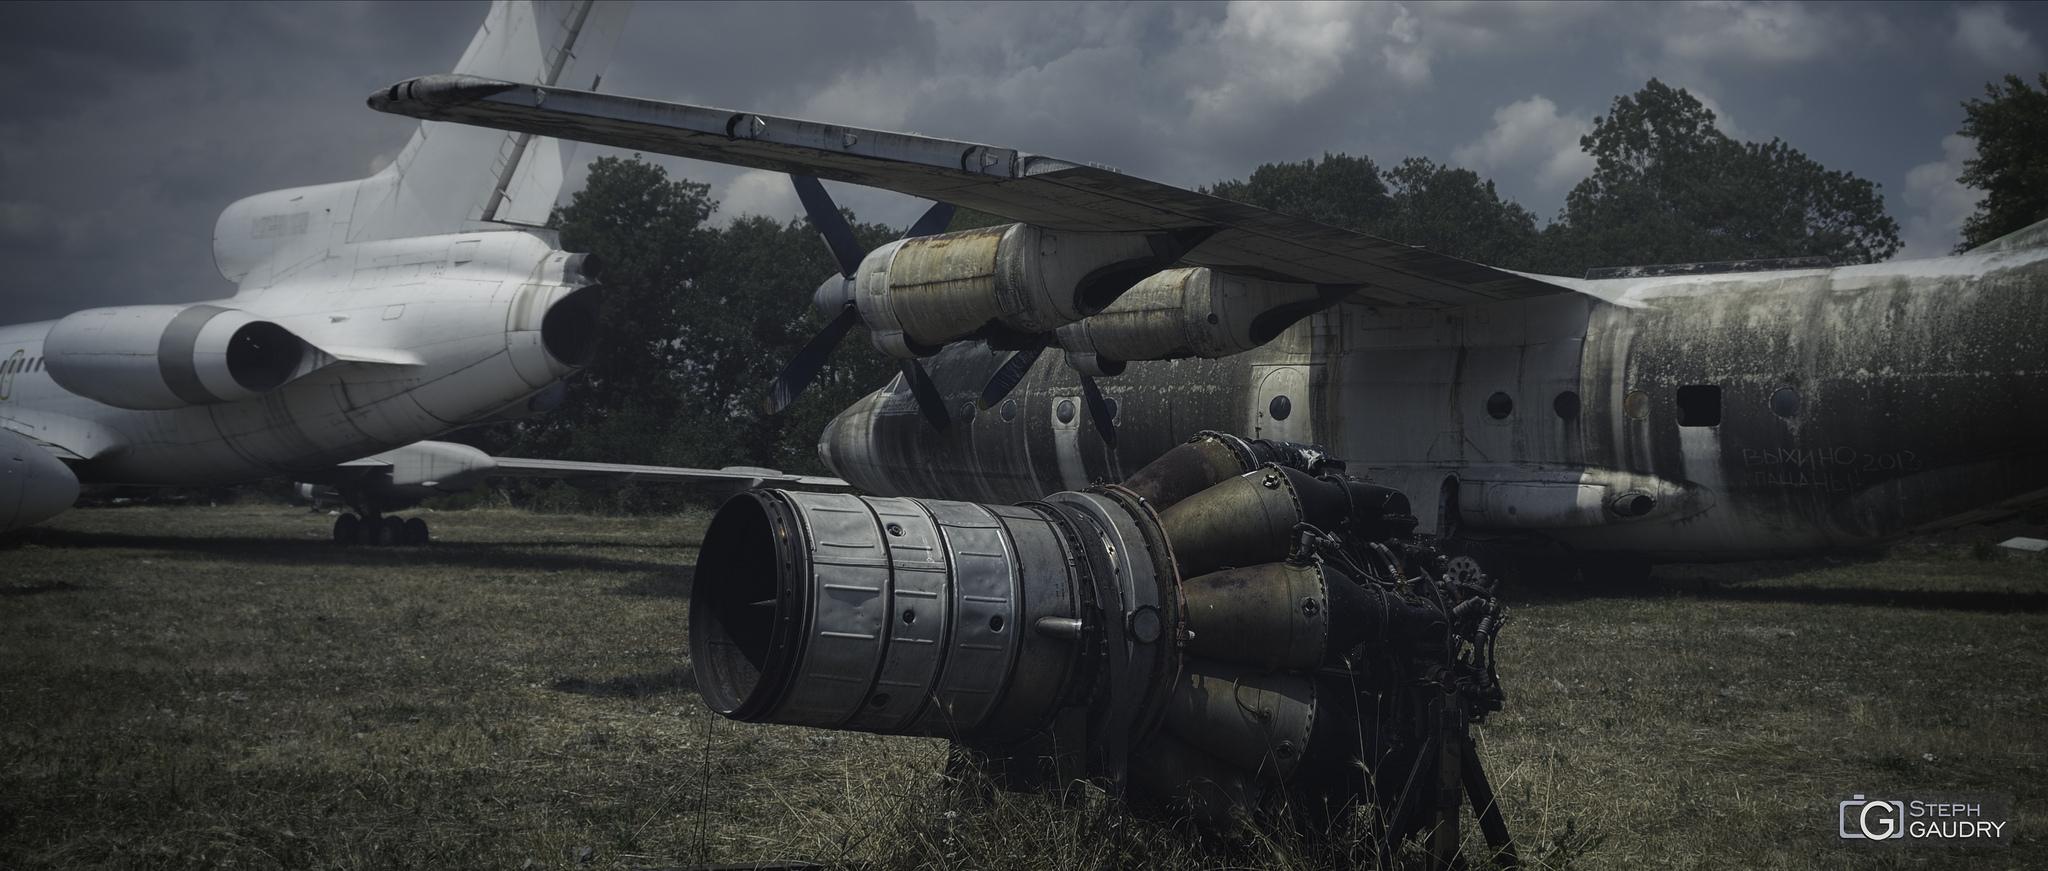 турбовинтовыми двигателями Антонова АИ-24 [Klik om de diavoorstelling te starten]